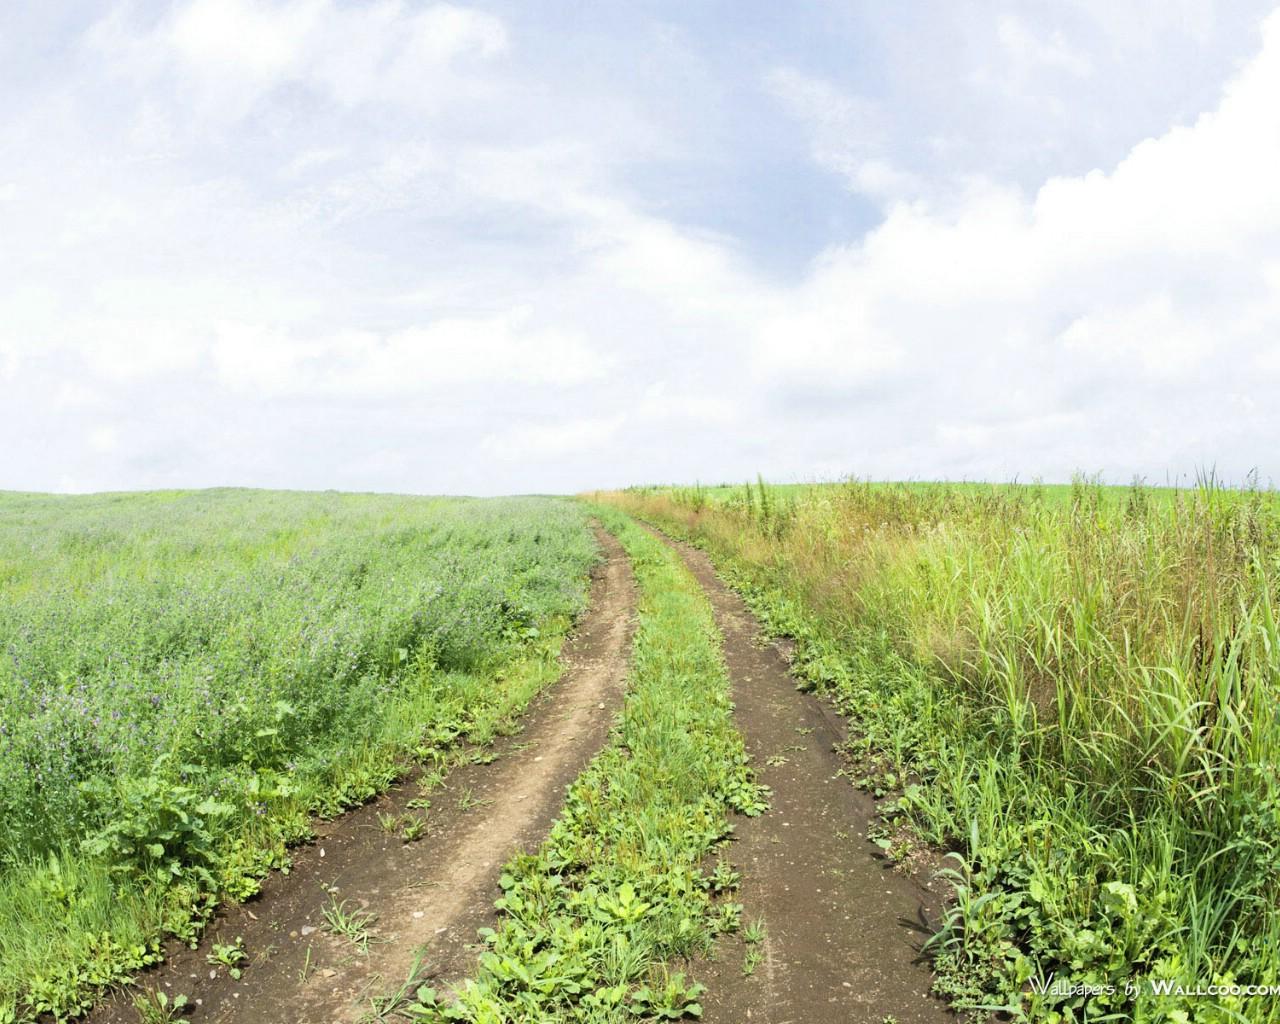 024野外草地图片 草原草地壁纸壁纸,青青草原 草原天空摄影壁纸壁